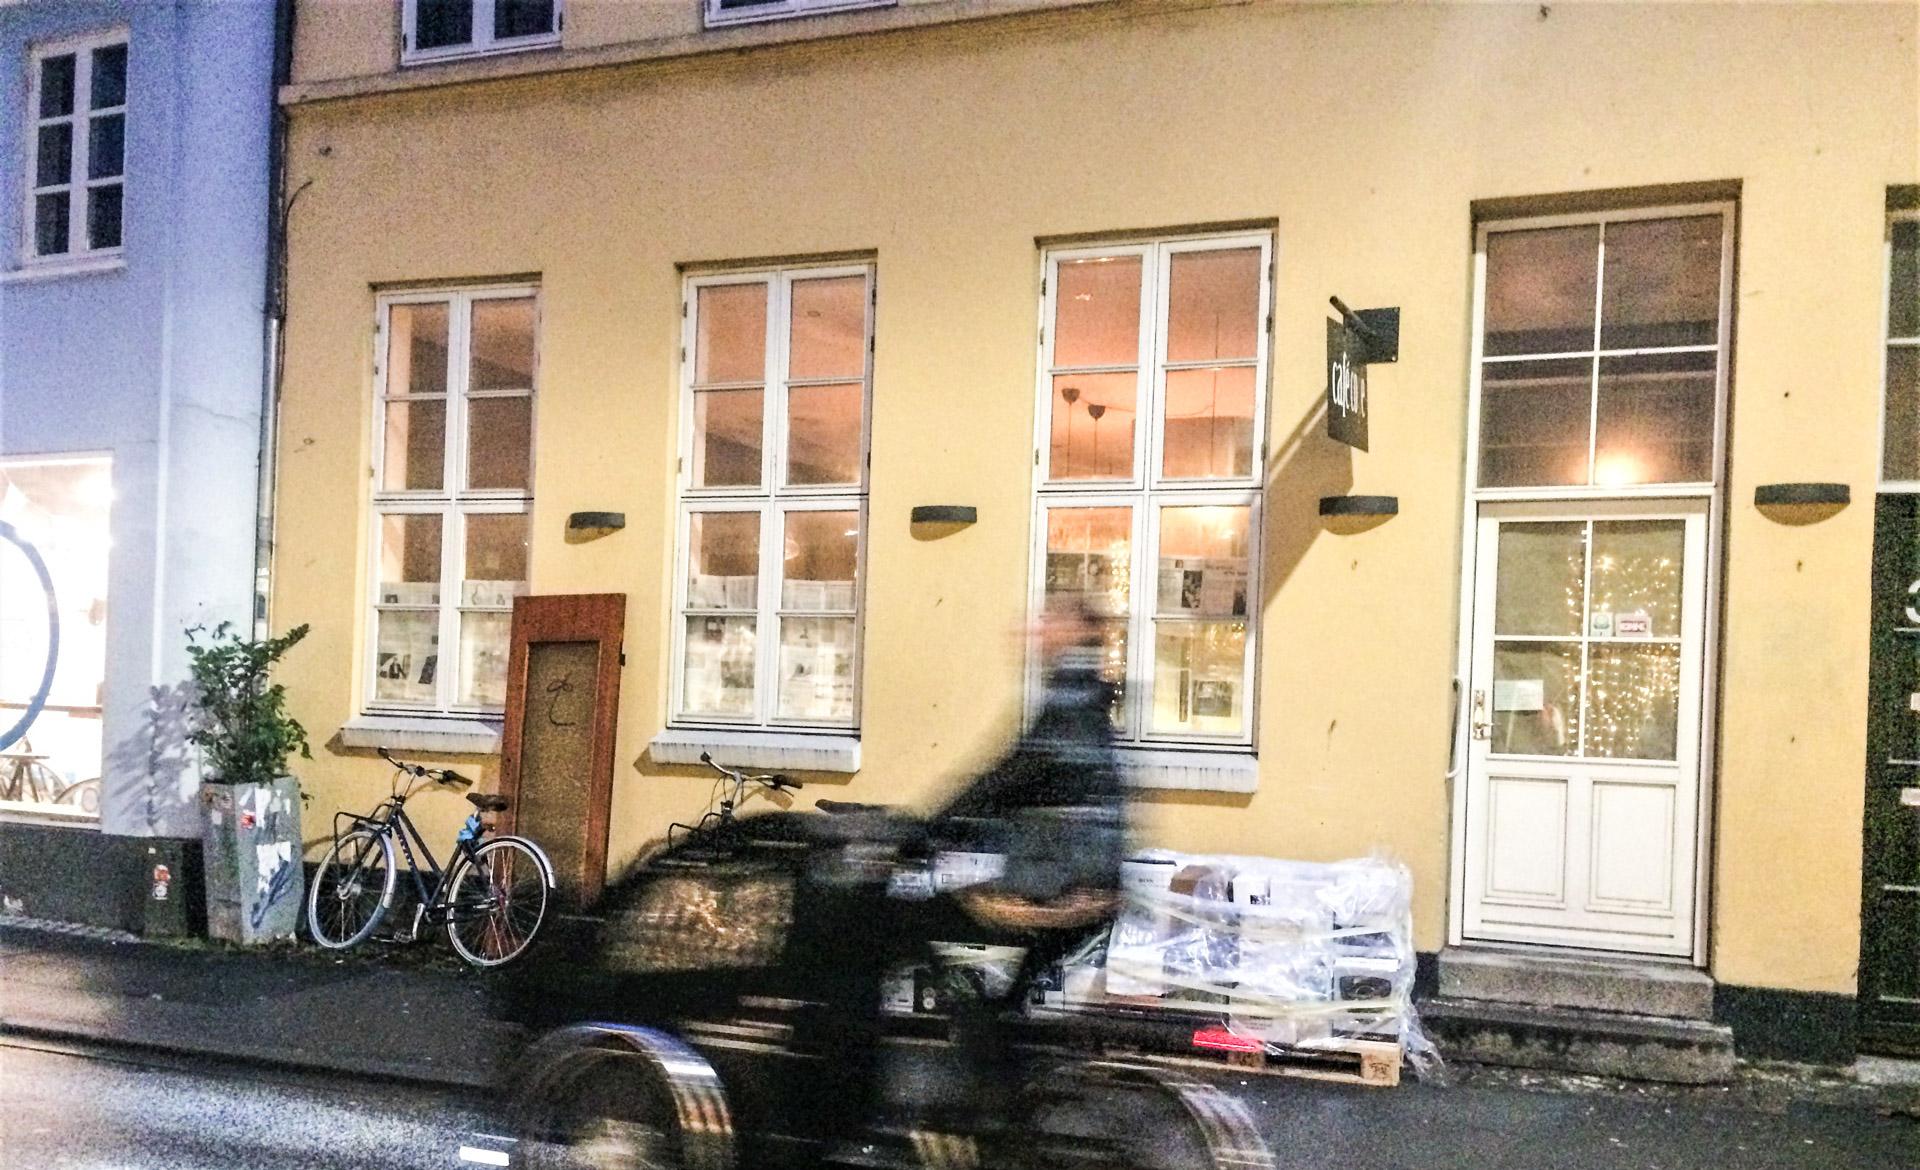 Nyt i Mejlgade: Café bliver til spisested